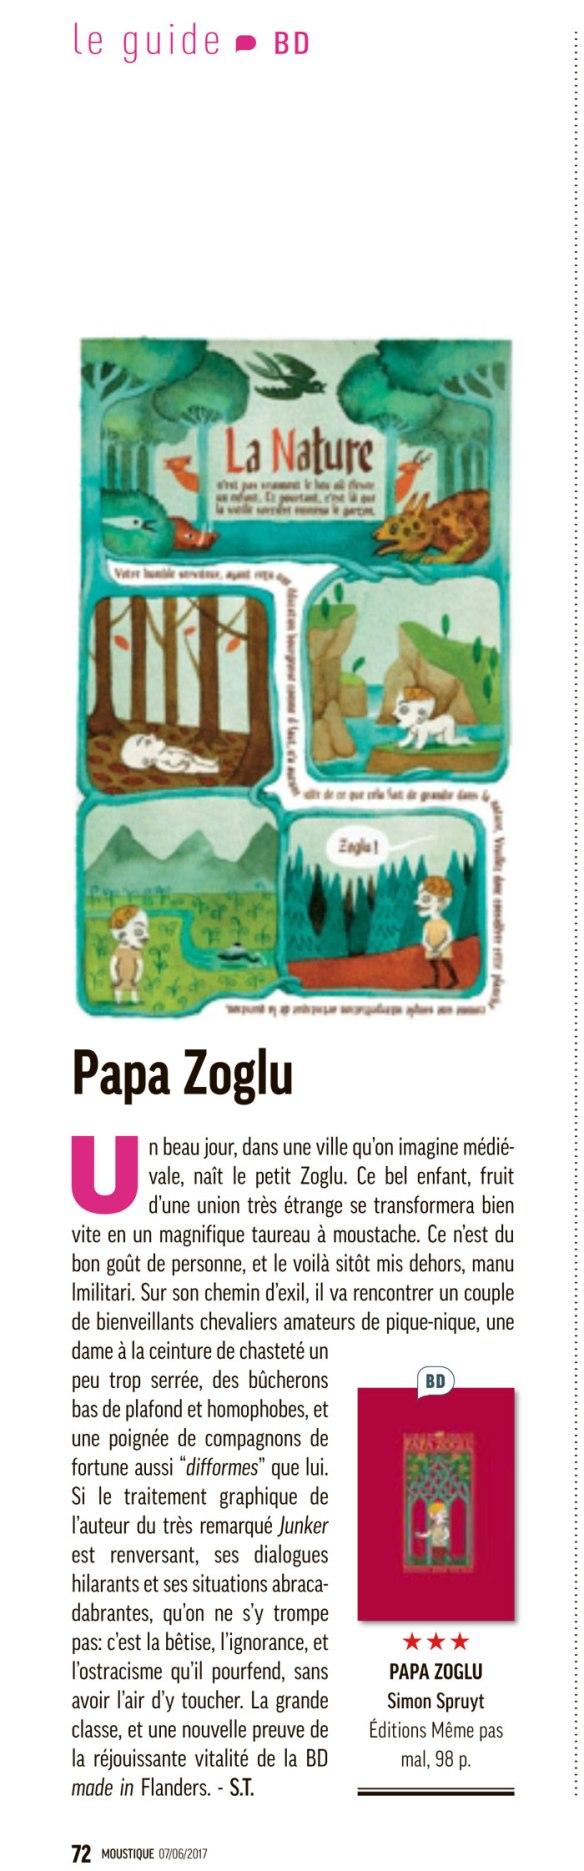 Papa_zoglu_20170607_Moustique_p-72